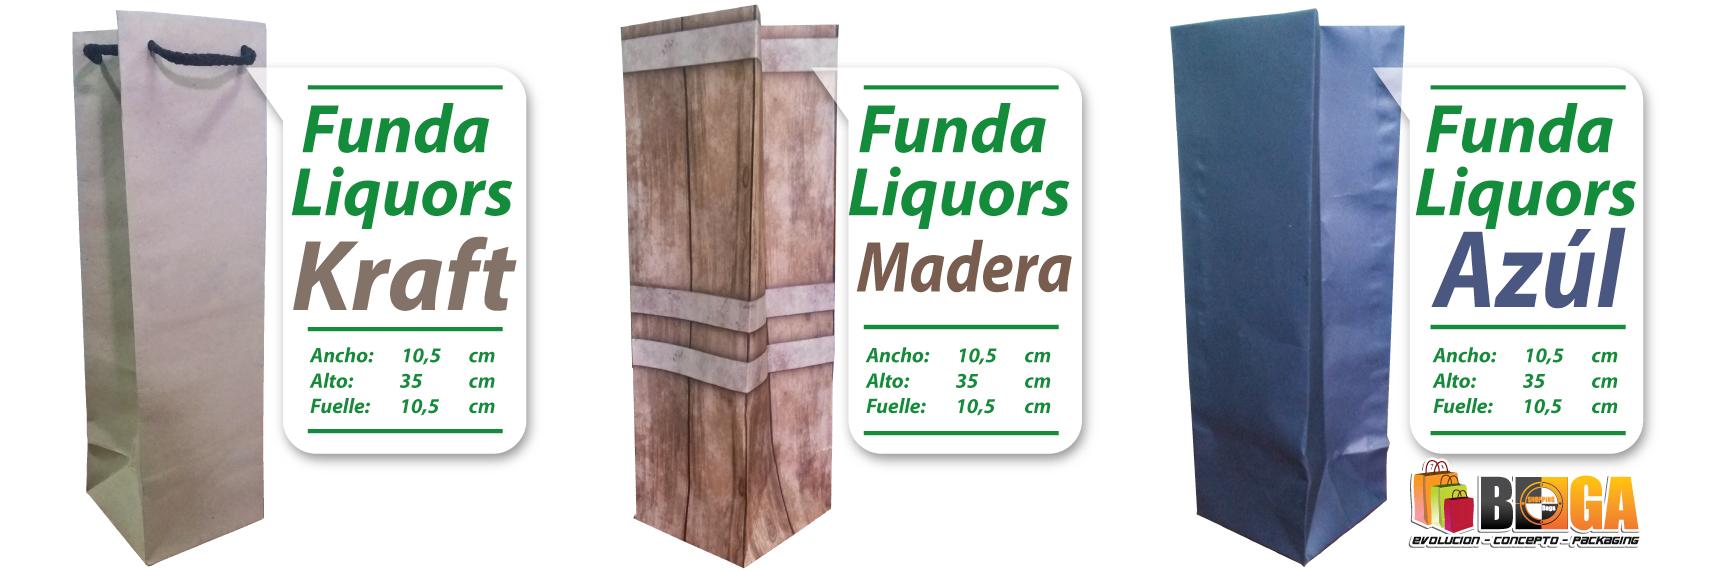 funda-de-papel-para-botella-liquors-paper-bag-boga-empaques-ecologicos-de-papel-caña-o-kraft-fondo-azul-madera-kraft-sin-fondo-100%-ecologico-_02